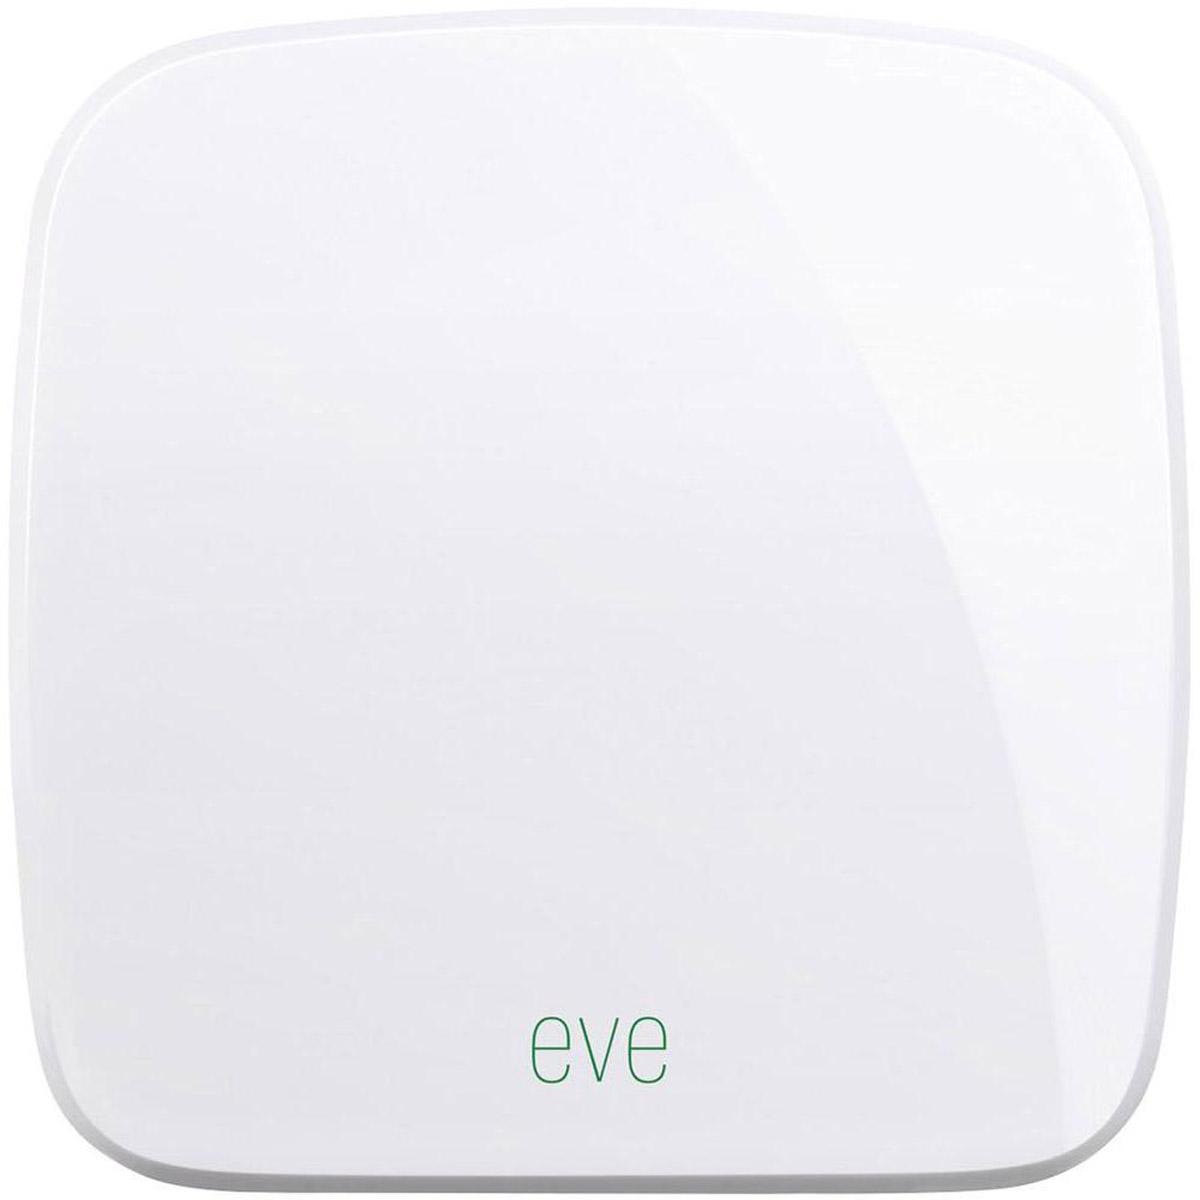 Elgato Eve Room беспроводной датчик1ER109901000Беспроводной датчик Elgato Eve Room определяет качество воздуха, температуру и влажность в доме и выводит полученные данные на экран вашего iPhone или iPad с помощью бесплатного приложения. Эта информация, полученная путём анализа летучих органических соединений, поможет вам создать для себя более комфортные условия.Elgato Eve Room задействует передовую технологию Apple HomeKit и предлагает непревзойдённое удобство, надёжную защиту и полную интеграцию с Siri. Датчик работает от долговечных сменных батареек, так что вам не придётся возиться со шнурами питания.Передовая технология анализа летучих органических соединений поможет вам повысить свой комфорт.Поддержка HomeKit обеспечивает непревзойдённое удобство и усовершенствованную защитуСовместная работа с Siri. Просто спросите, какая в доме температура и влажностьРаботает от долговечных сменных батареек, кабель питания не требуетсяПростое прямое подключение с использованием технологии Bluetooth 4.0 SmartПоддержка ОС: iOS 10.2 и выше